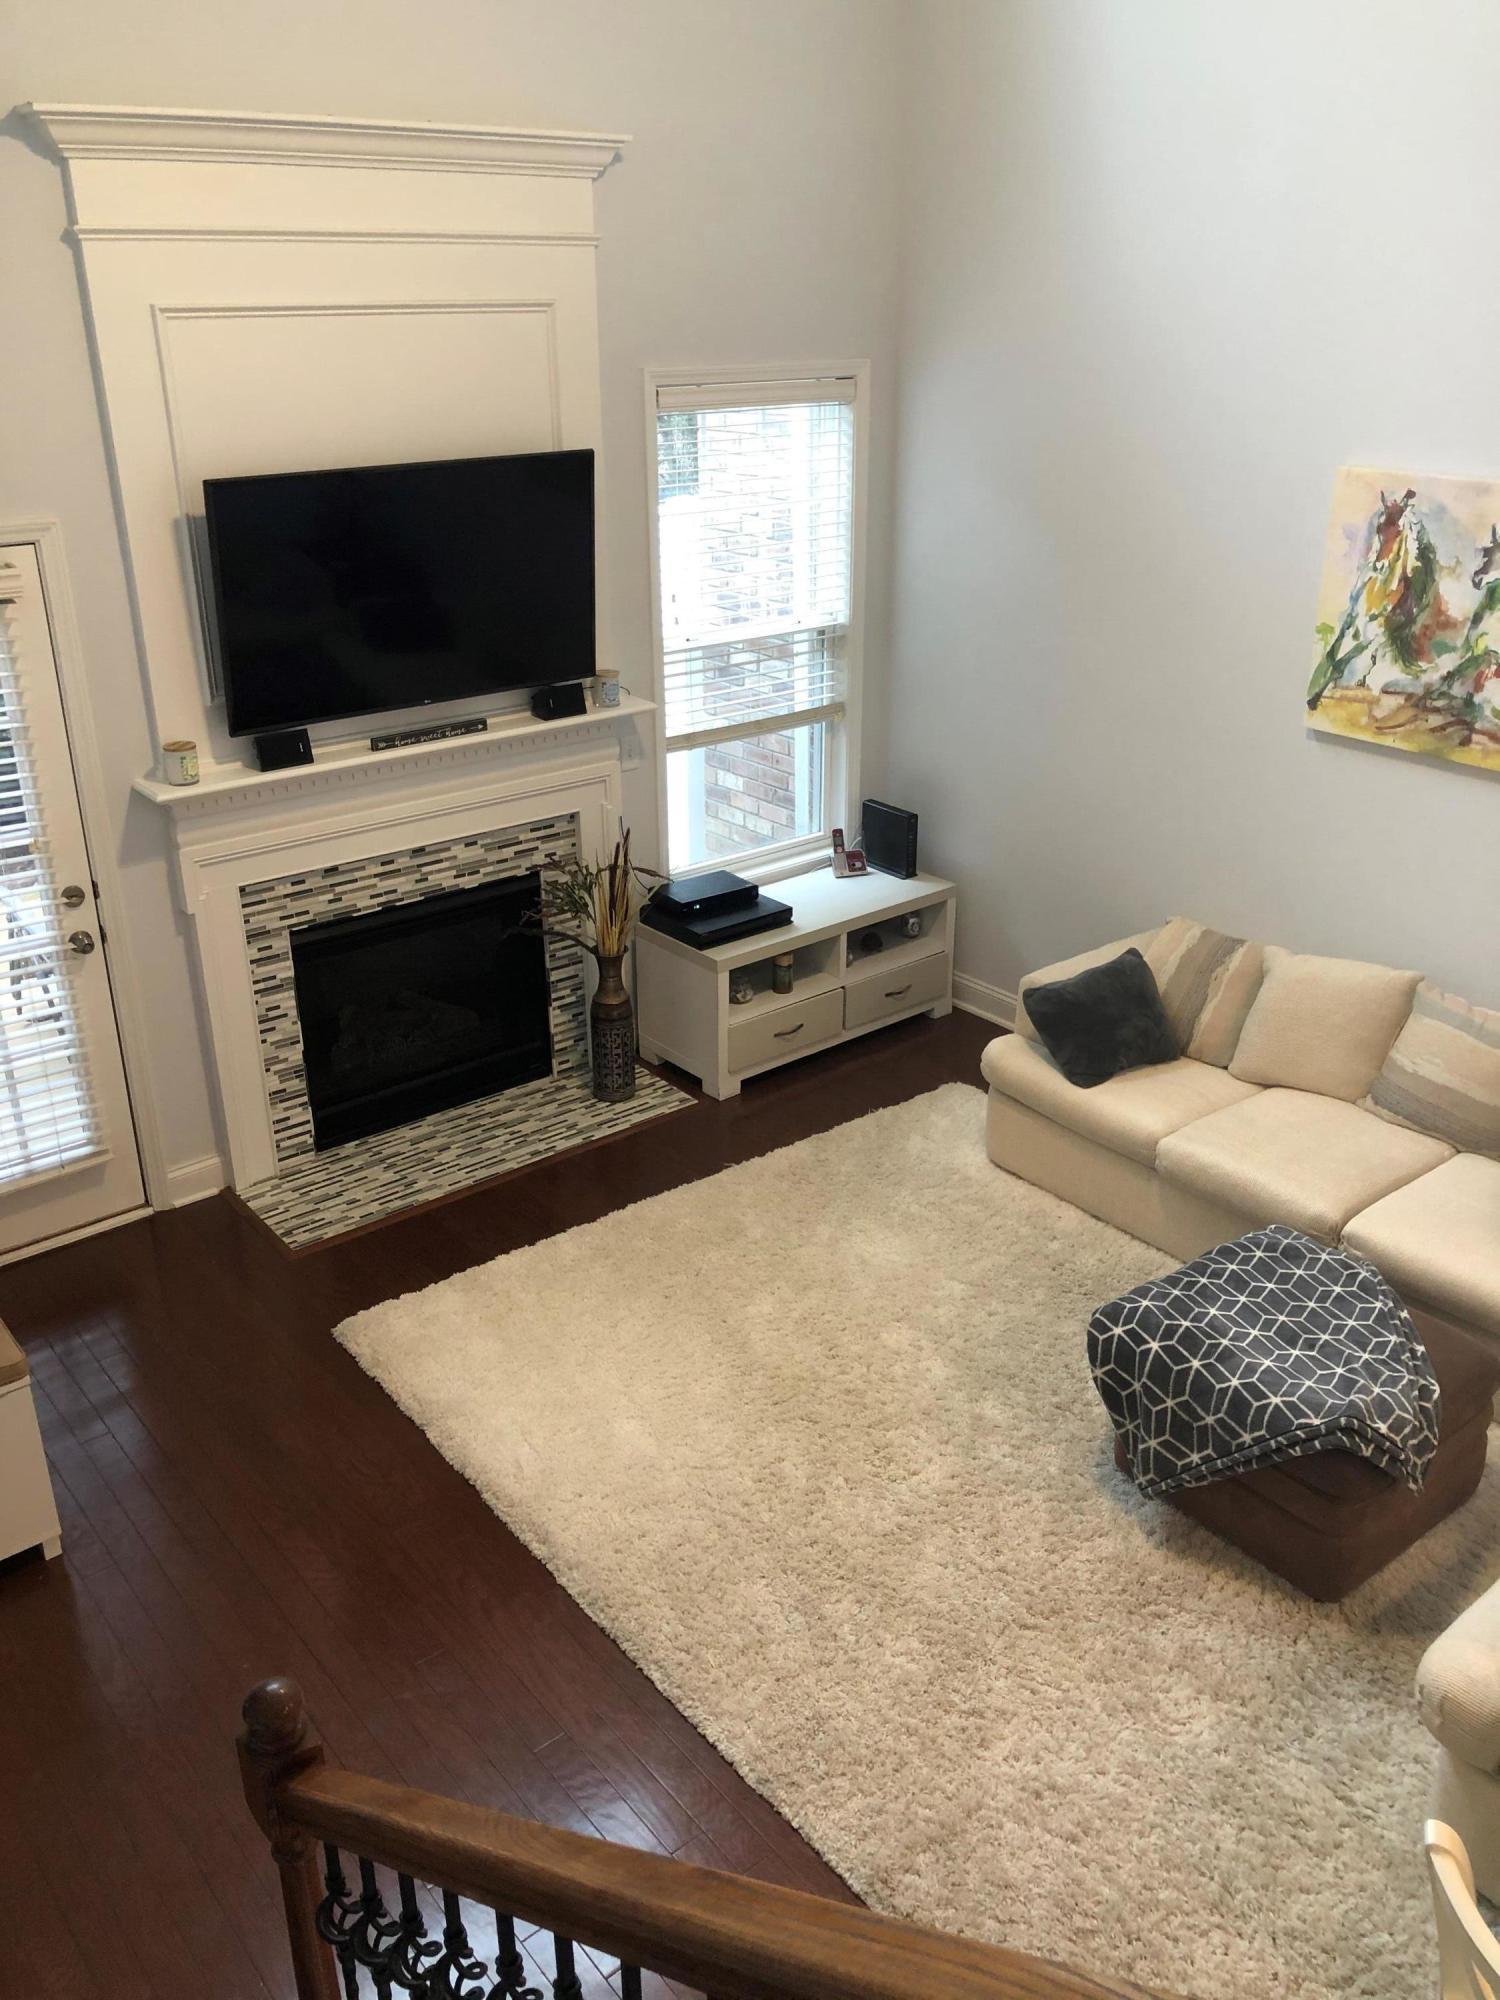 Park West Homes For Sale - 3643 Bagley, Mount Pleasant, SC - 26